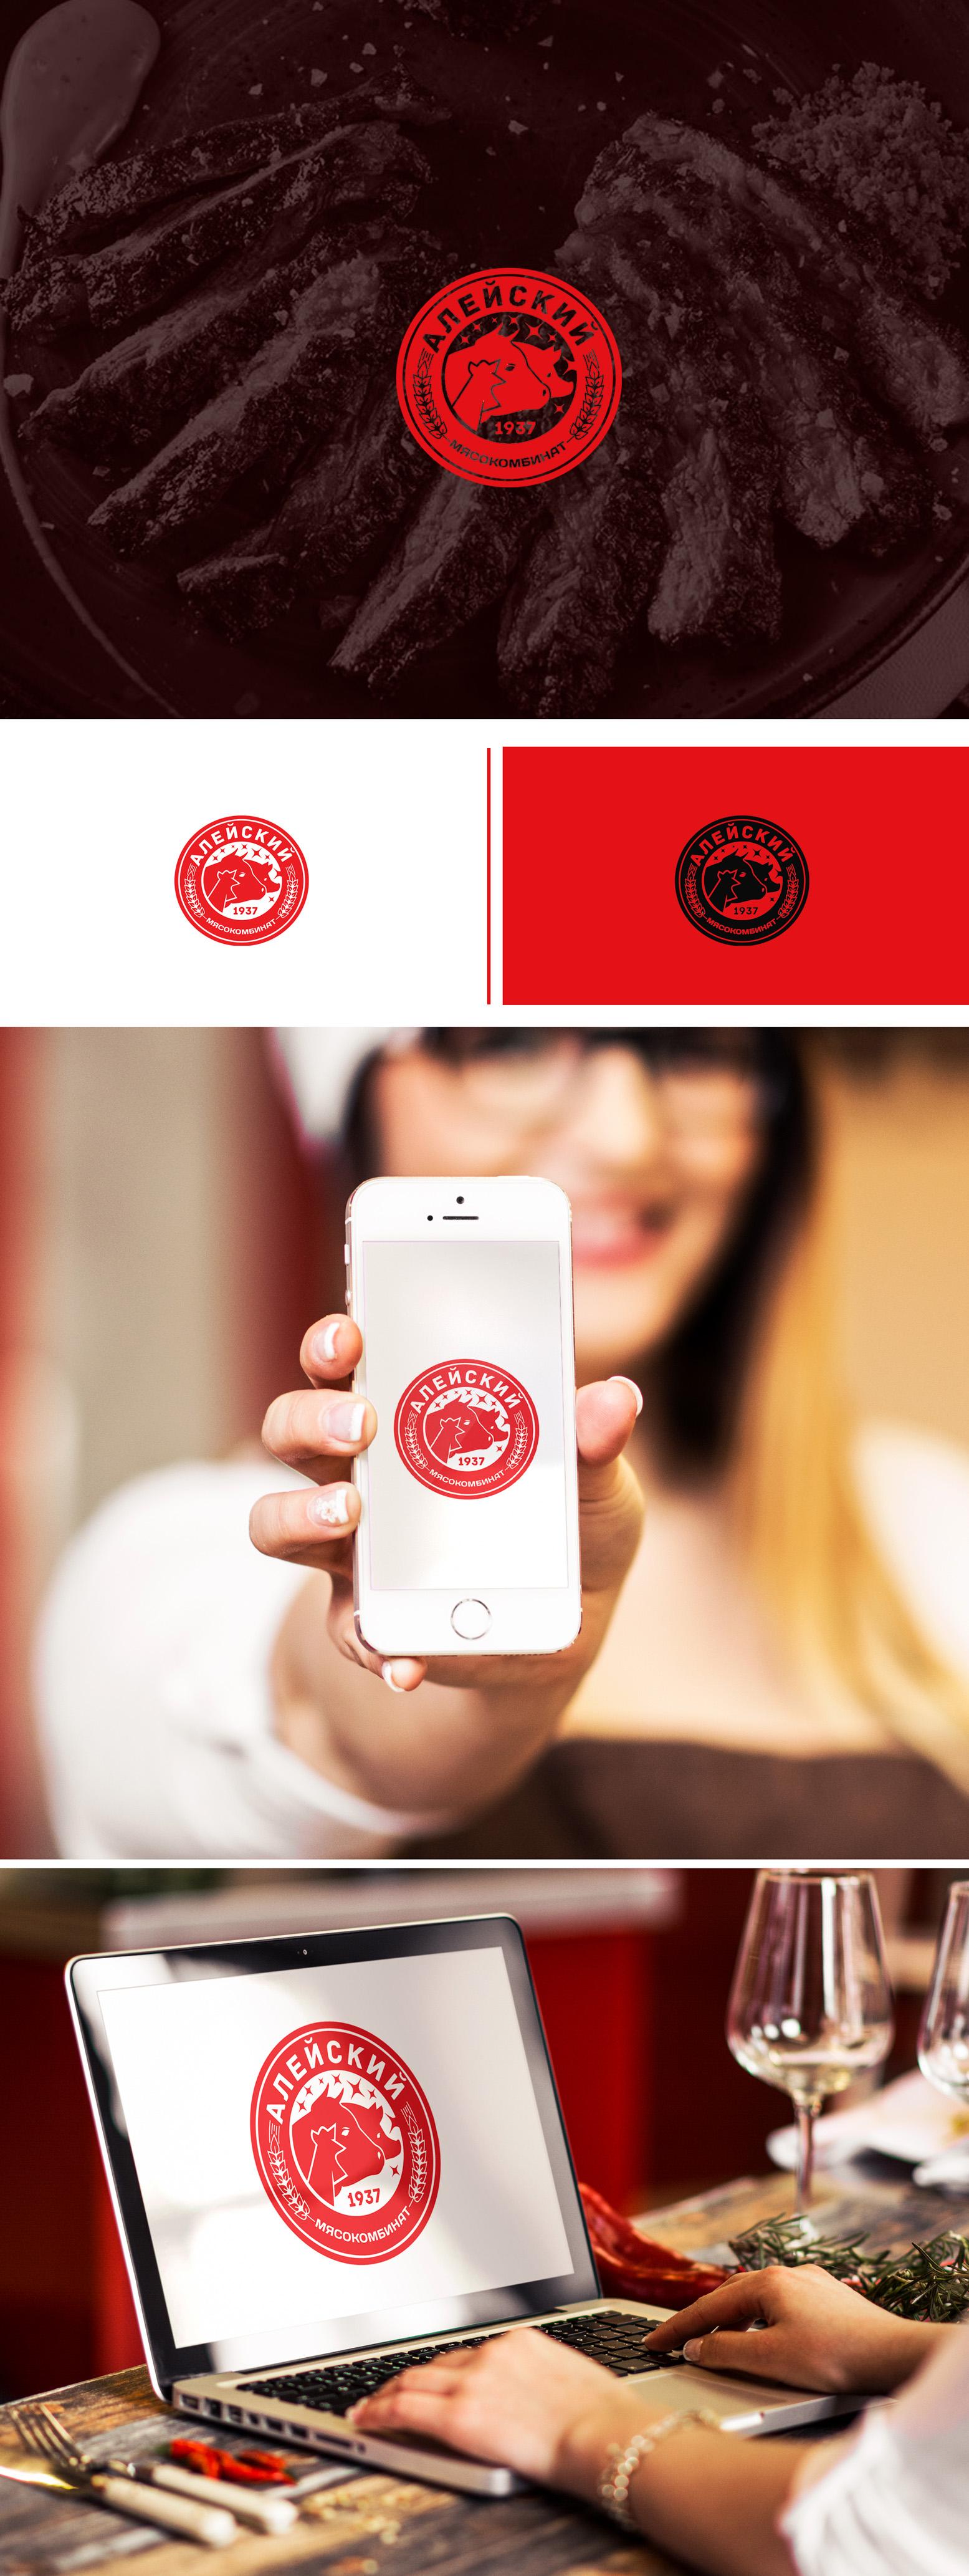 """Разработака логотипа для ООО """"Алейский мясокомбинат"""" фото f_3295b1e54cfbd406.jpg"""